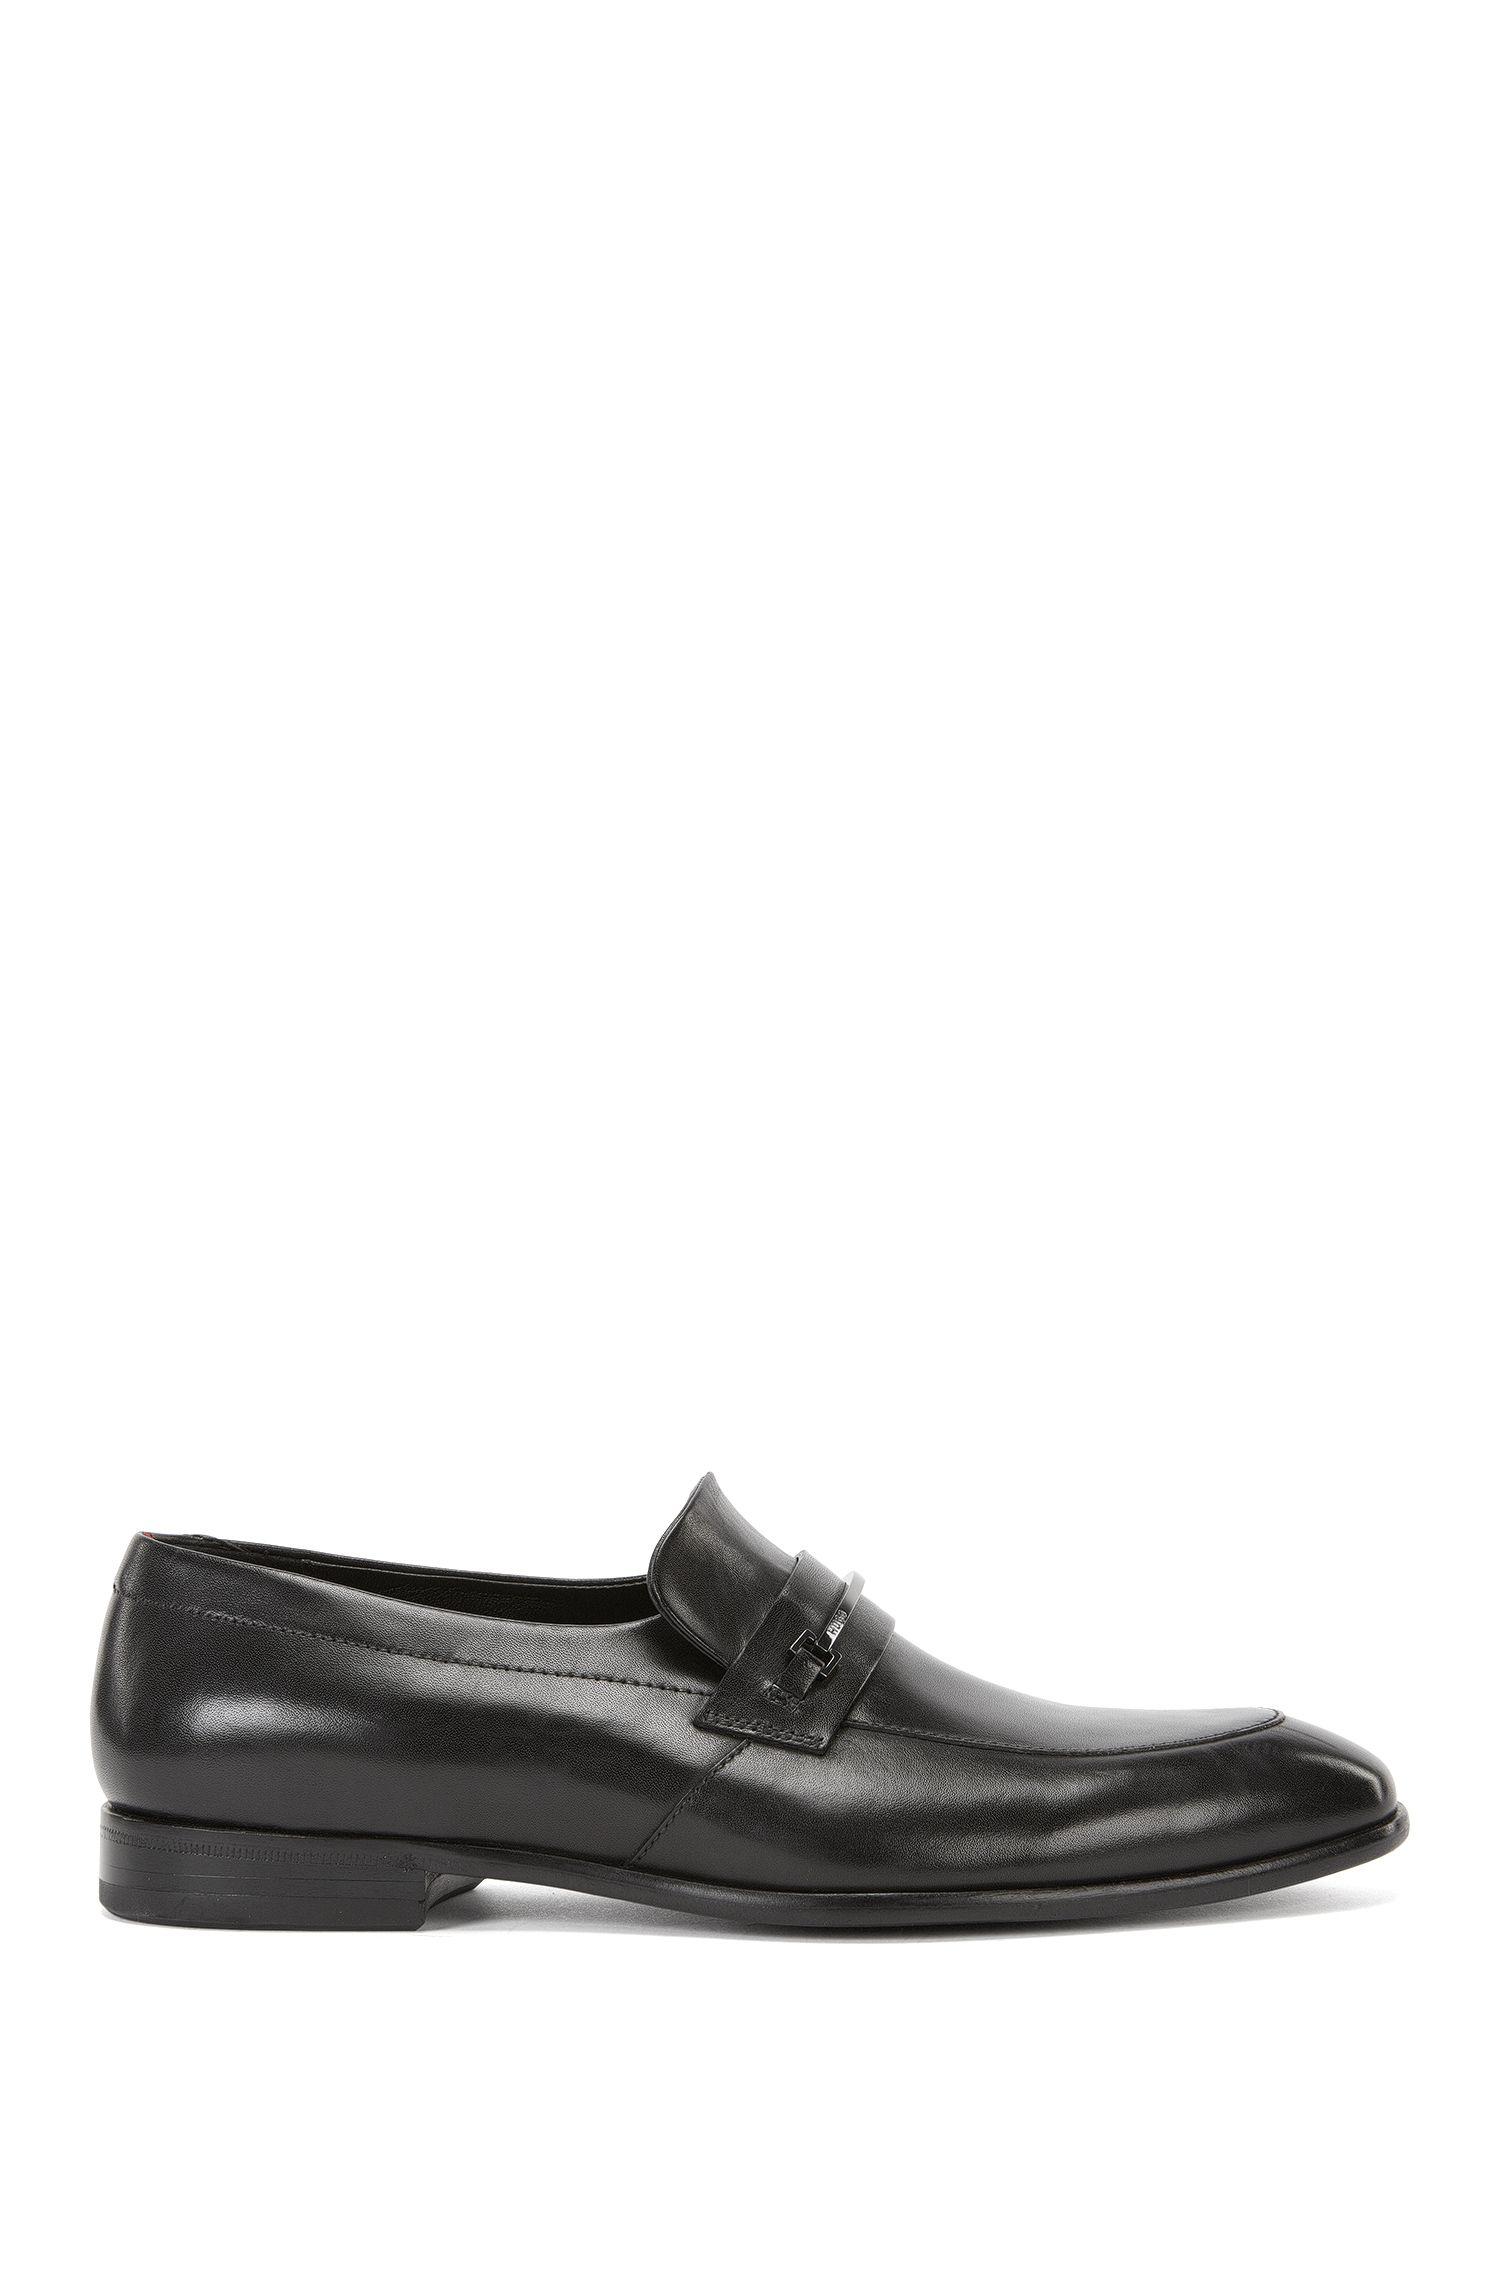 Horse-Bit Leather Loafer | Dressapp Loaf Buhw, Black